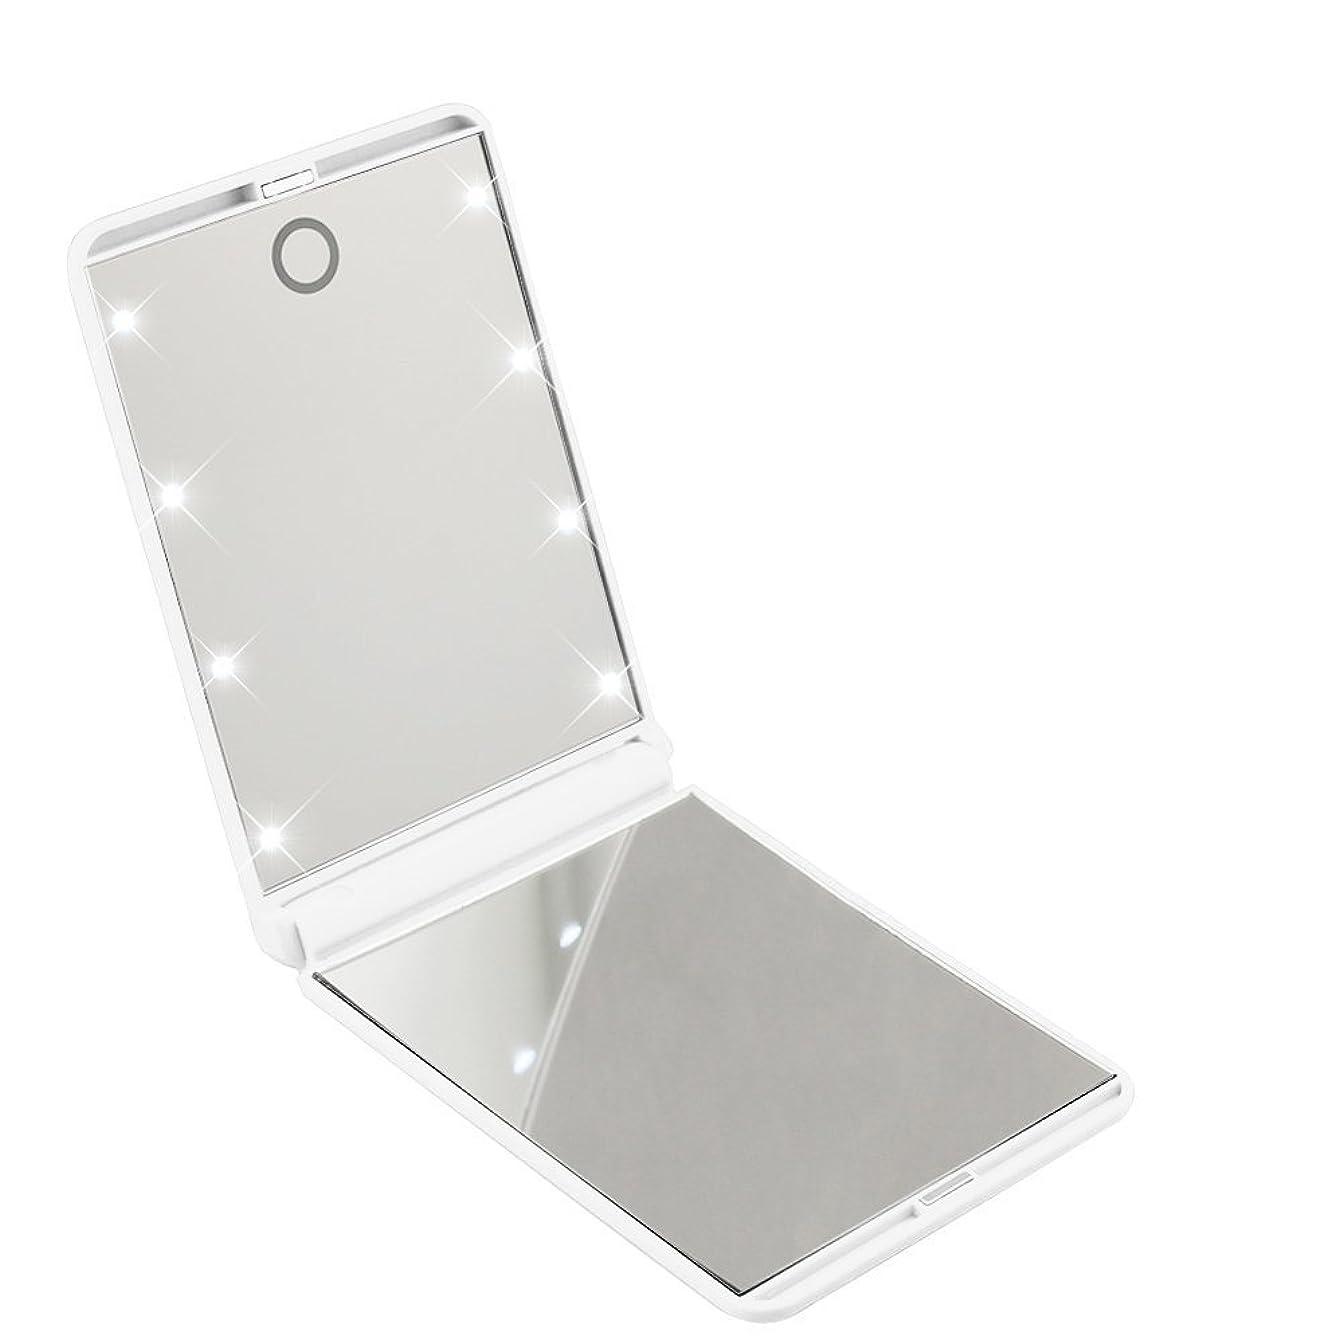 体現するロードされた契約したled化粧鏡 二面鏡 折りたたみ式 LEDライト メイクミラー 明るさ調整 コンパクトミラー 2倍拡大鏡付 ホワイト